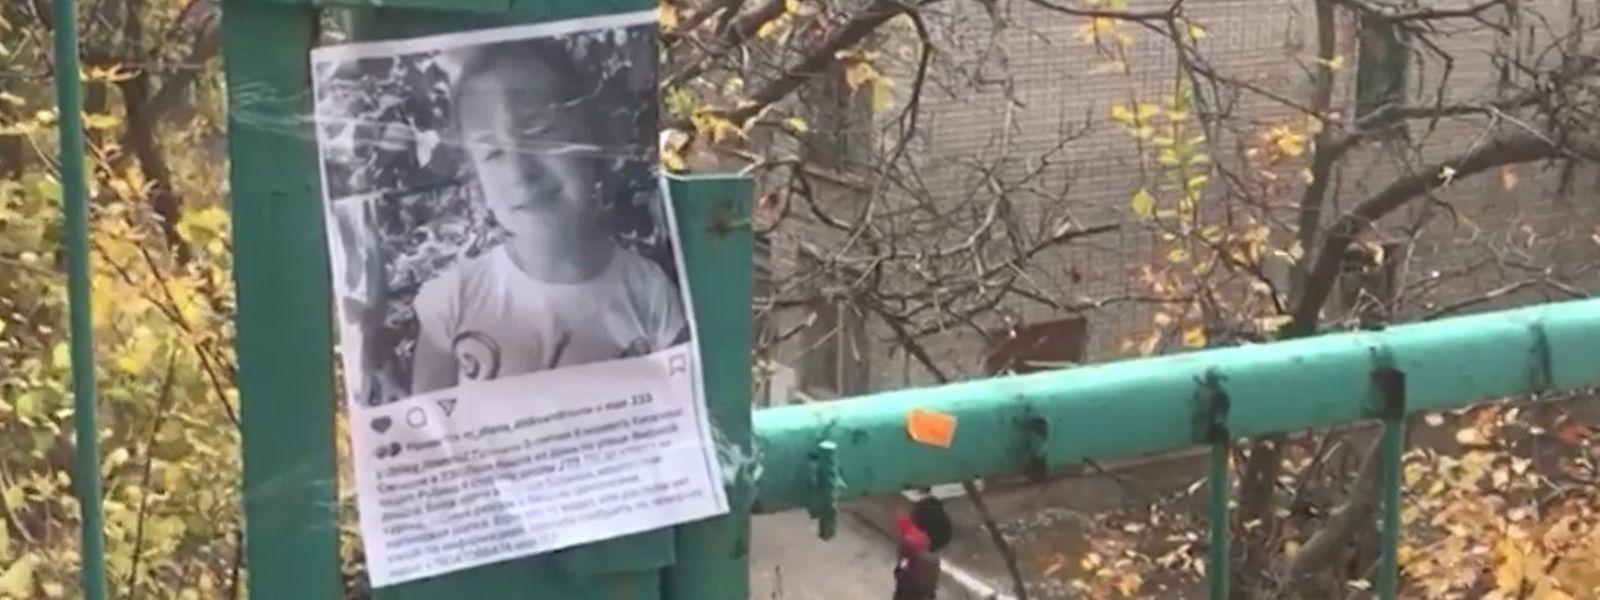 Die Tragödie in Saratow. Nach dem Mord an einer 9-Jährigen fordern die Anwohner, den Verdächtigen zur Lynchjustiz freizugeben.